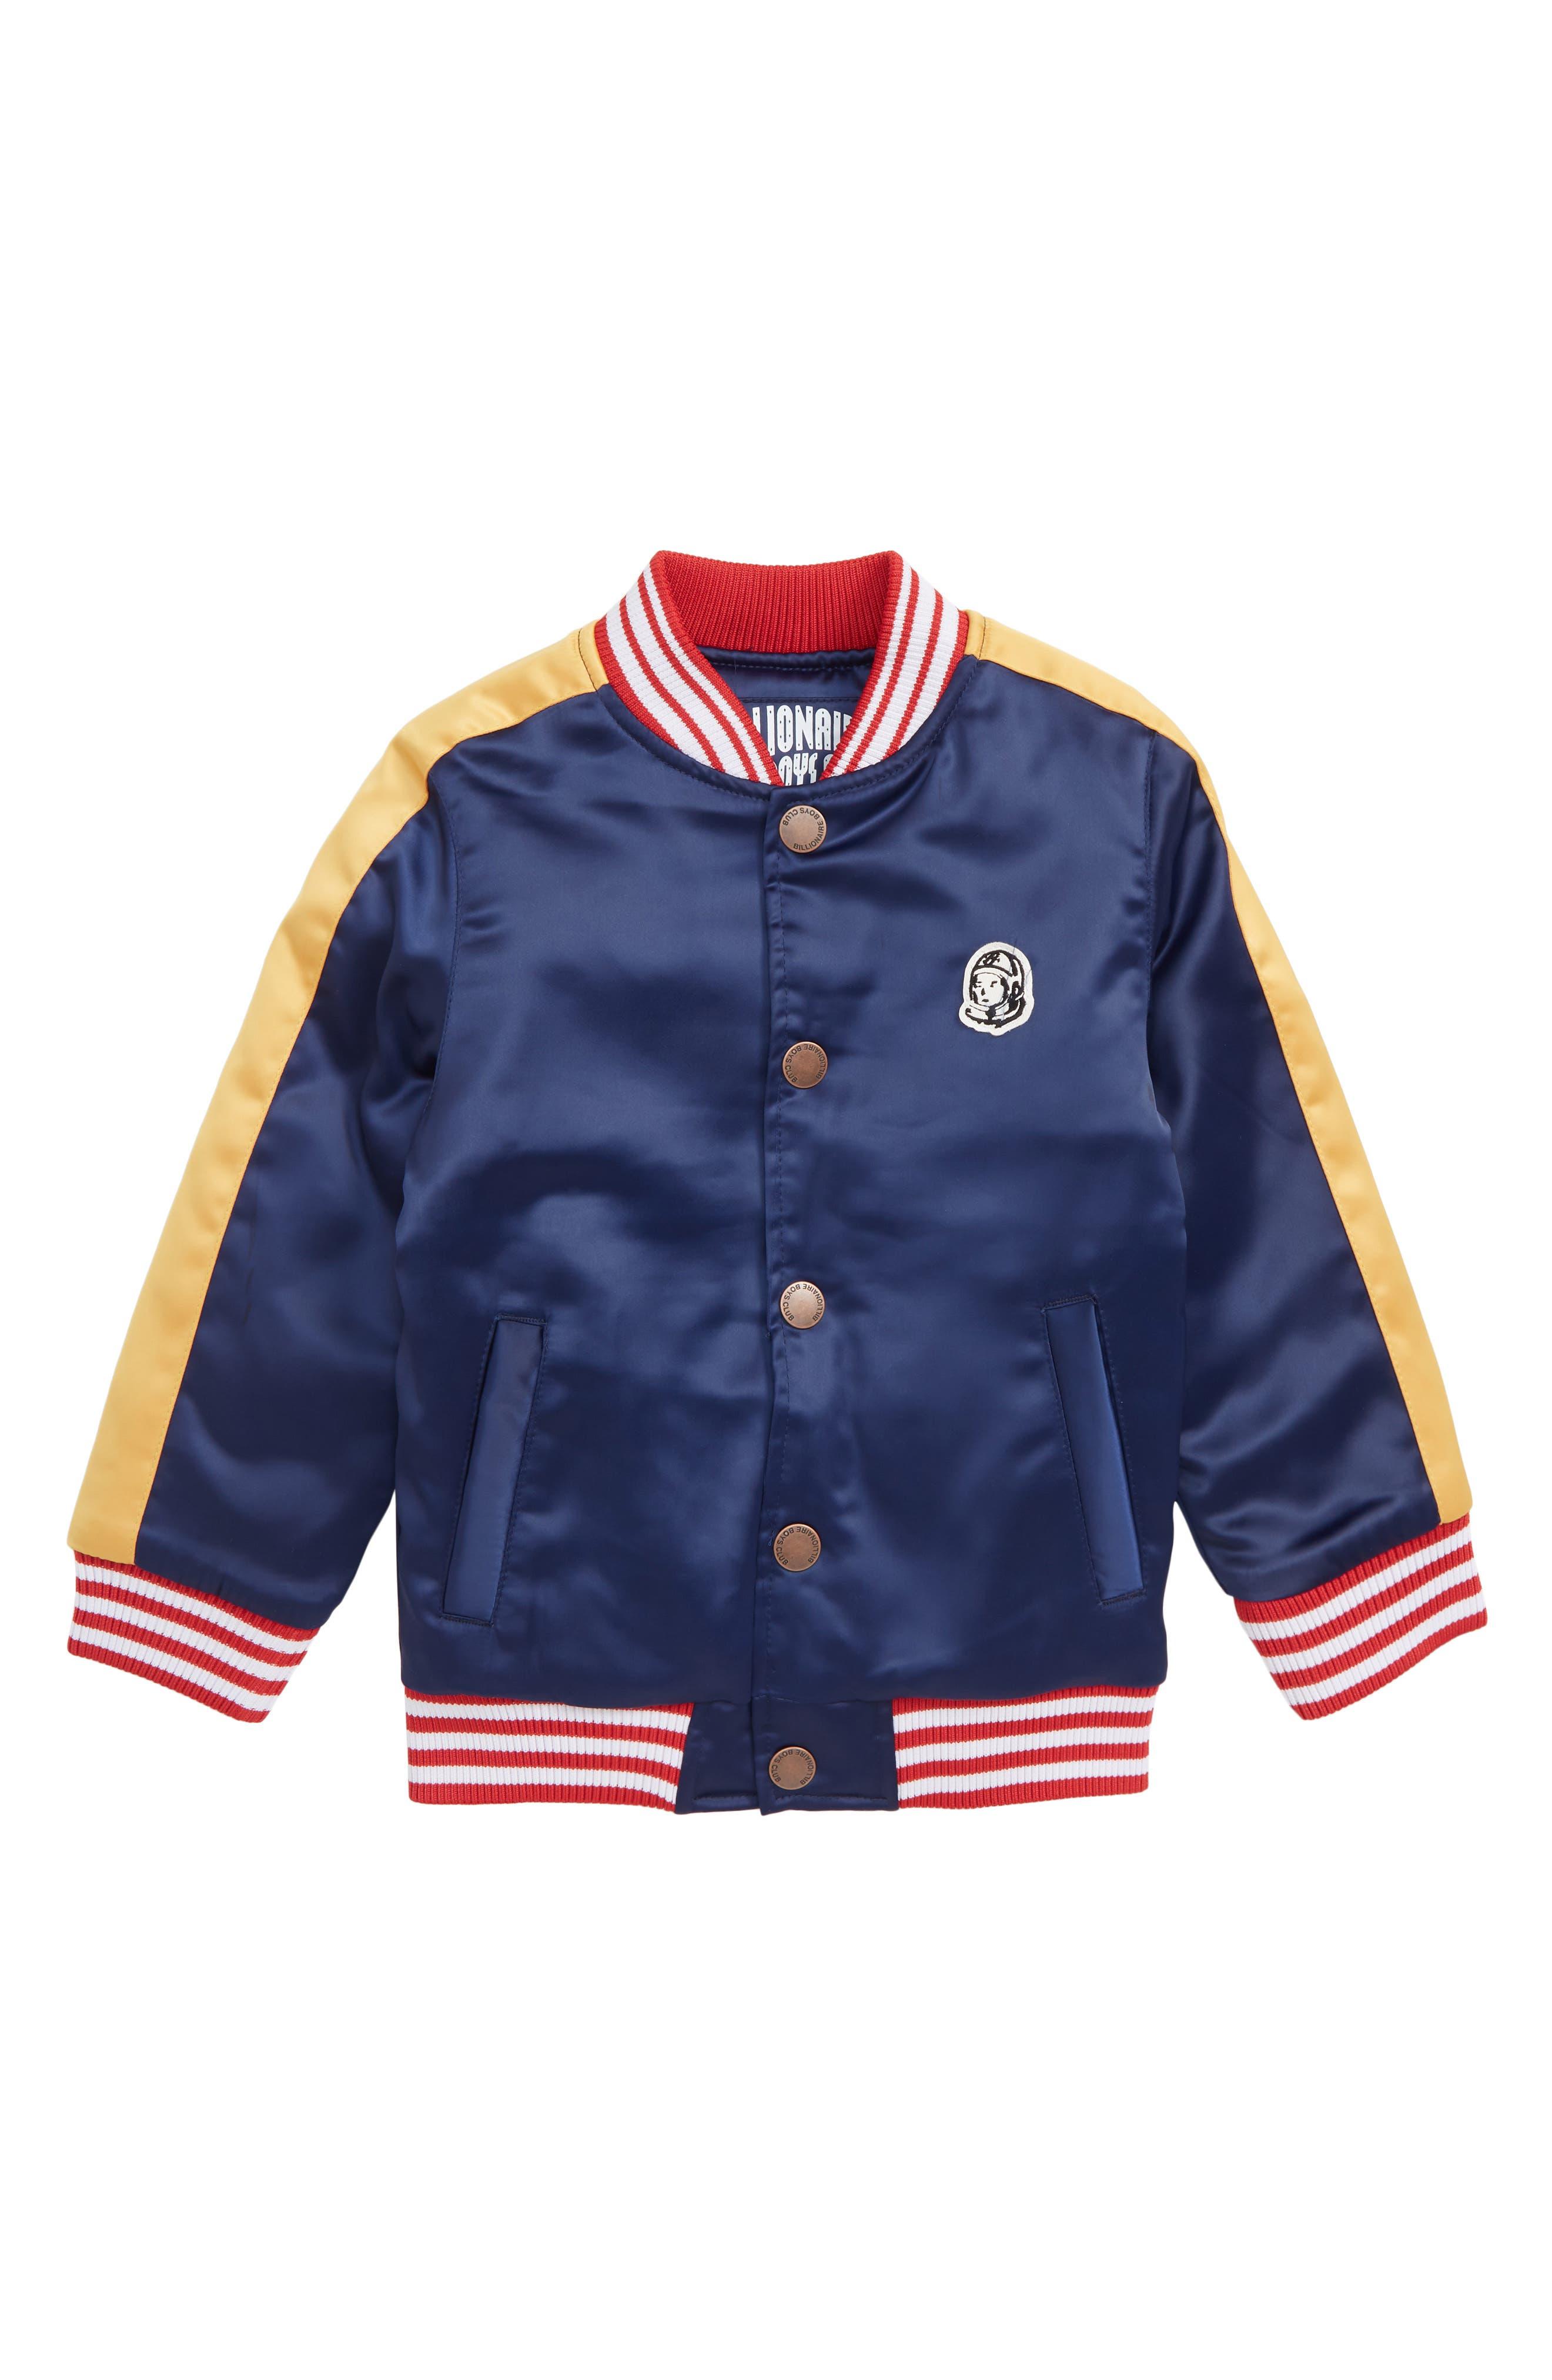 Boys Billionaire Boys Club Souvenir Satin Baseball Jacket Size 56  Blue